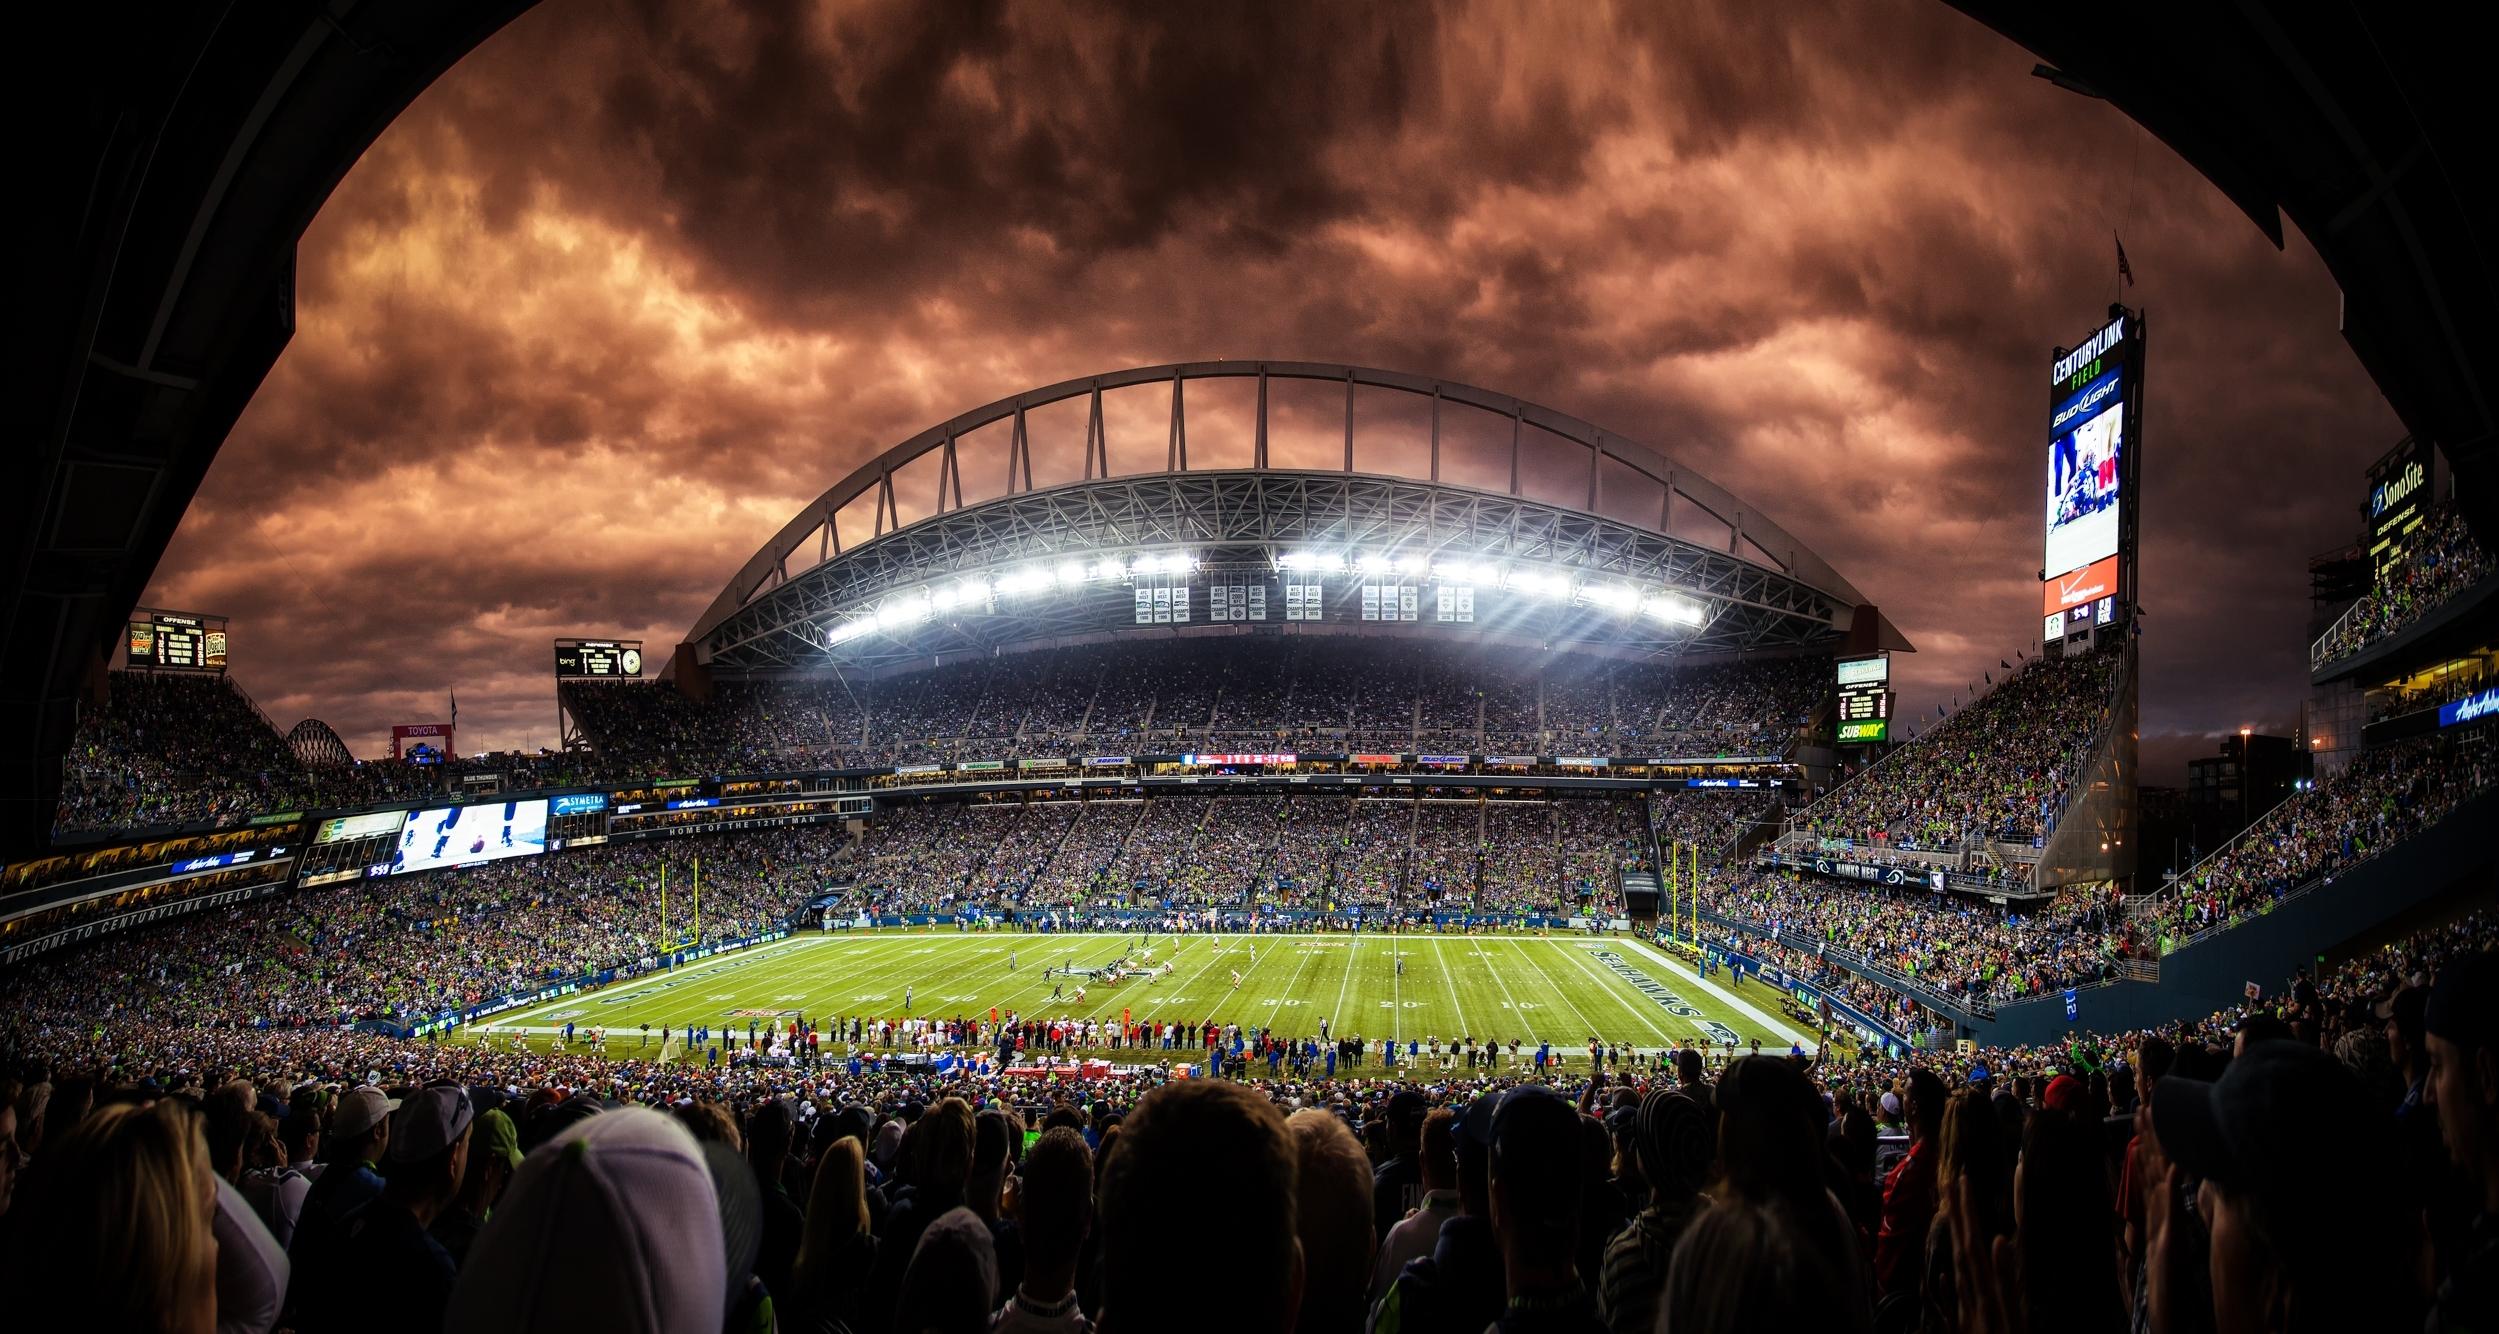 seattle seahawks nfl football qwest stadium. - media file